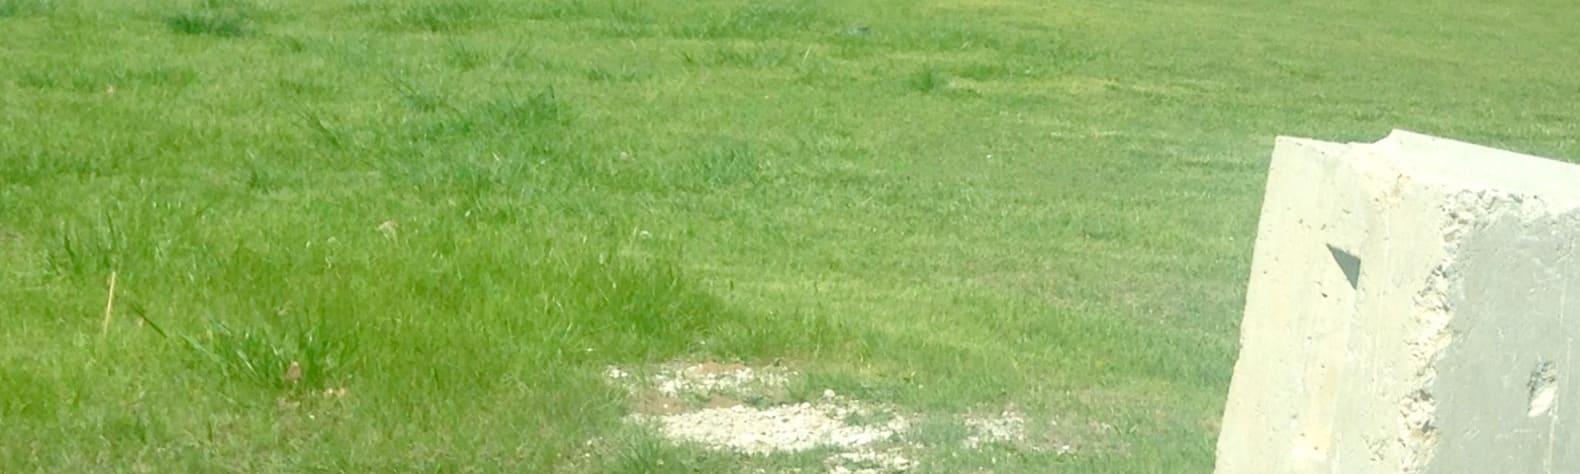 Caddo/LBJ National Grasslands